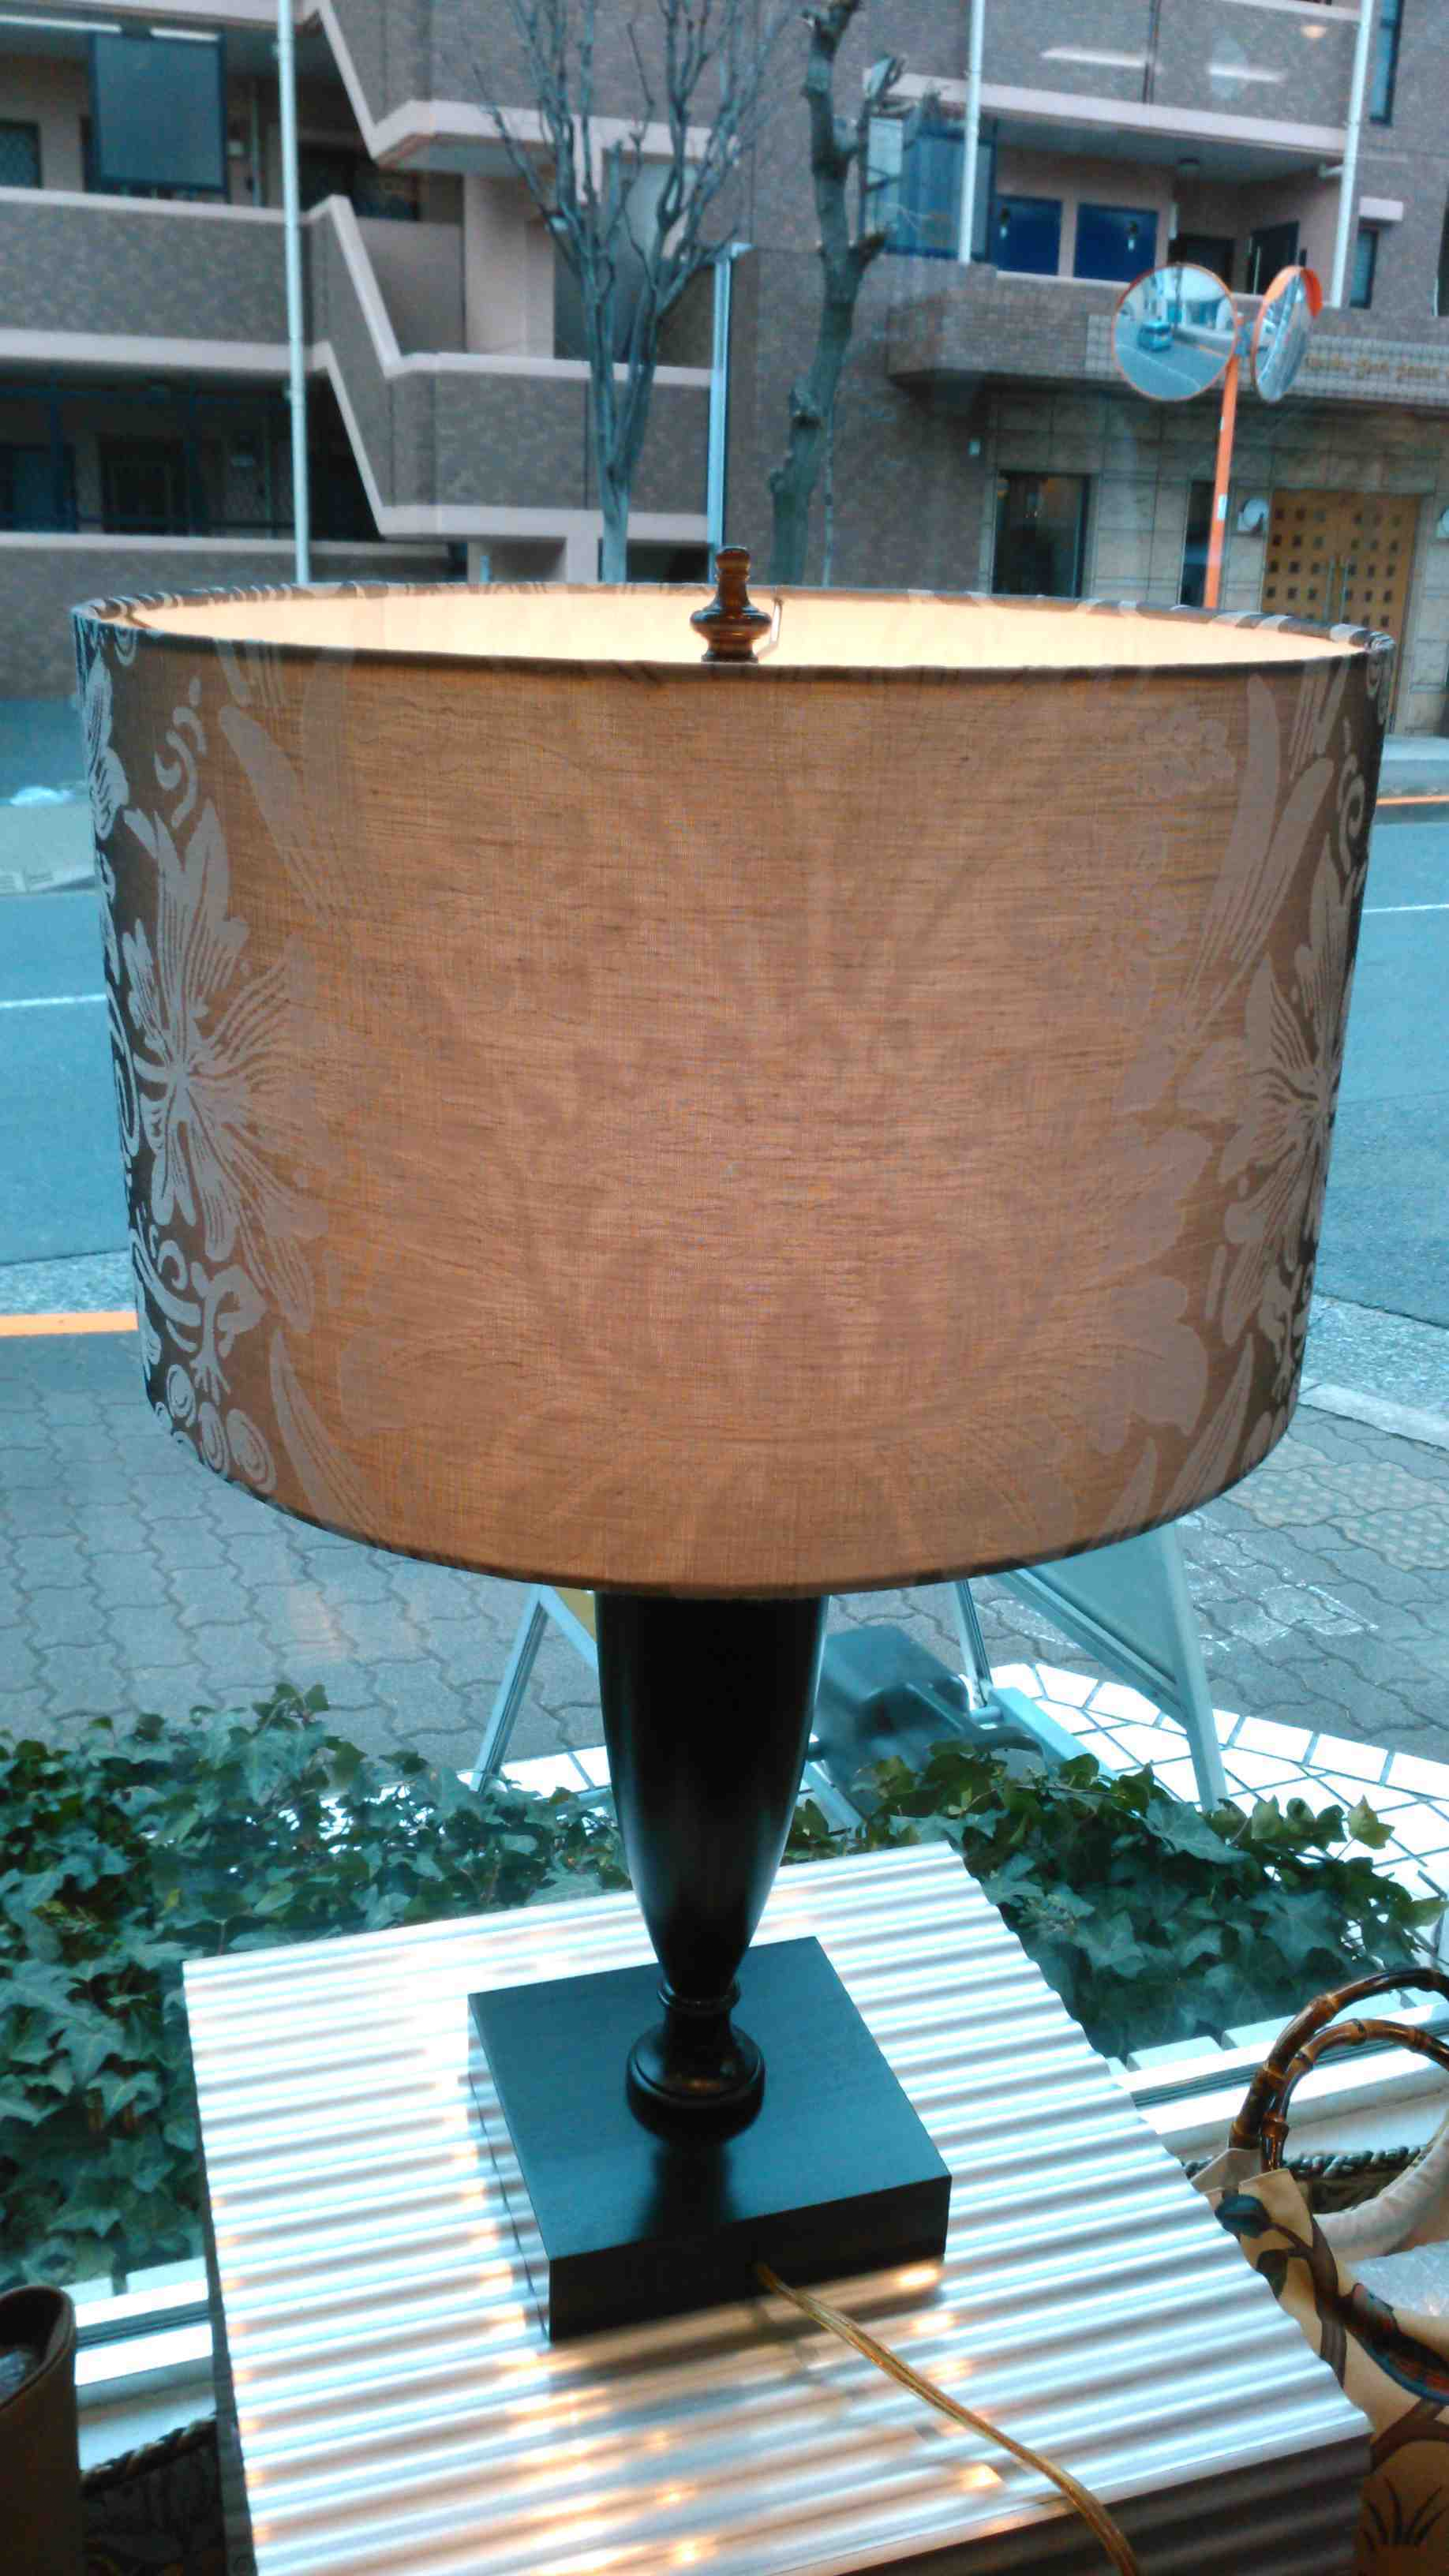 『ピュアモリス』でランプシェードの新規制作_c0157866_20084246.jpg